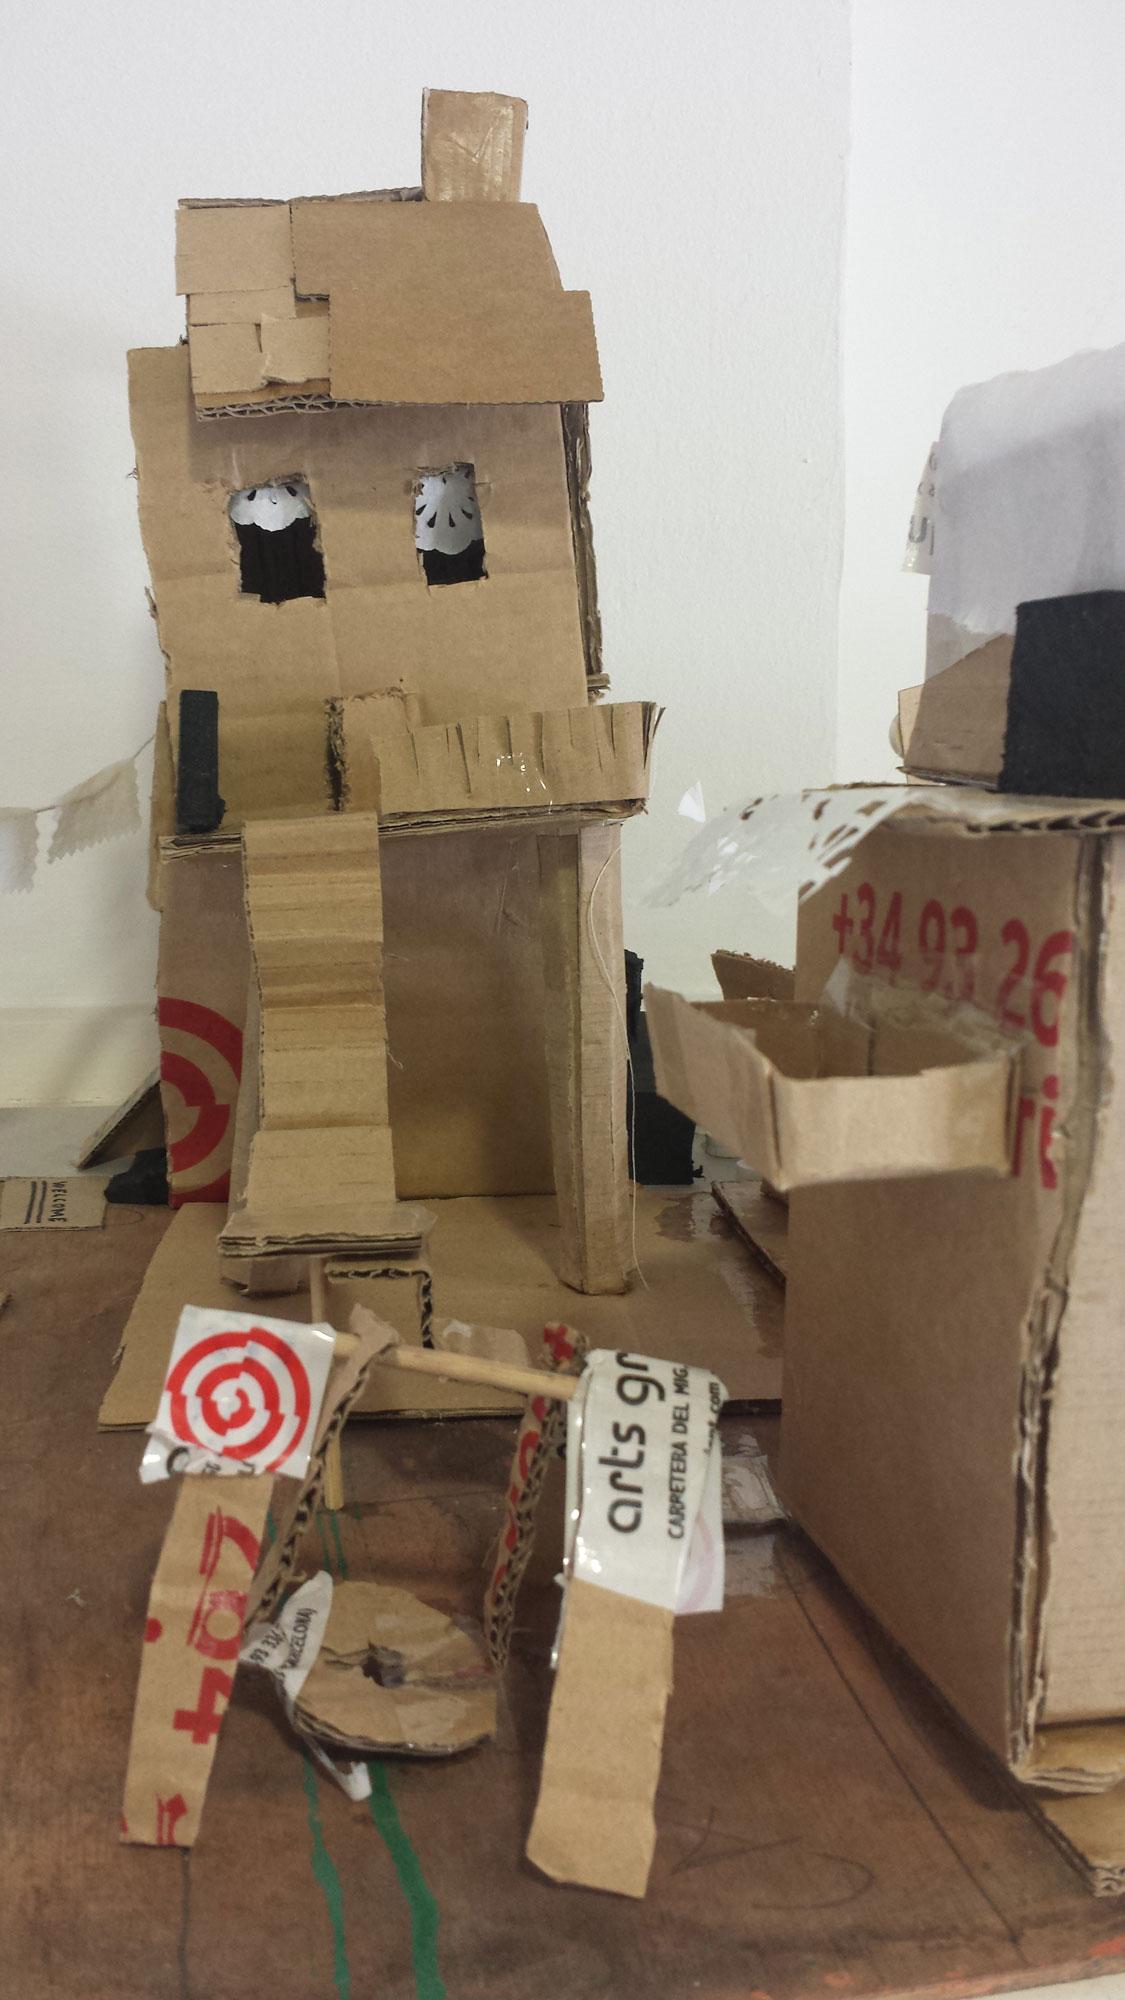 escola-impremta-pit-roig-caixes-9